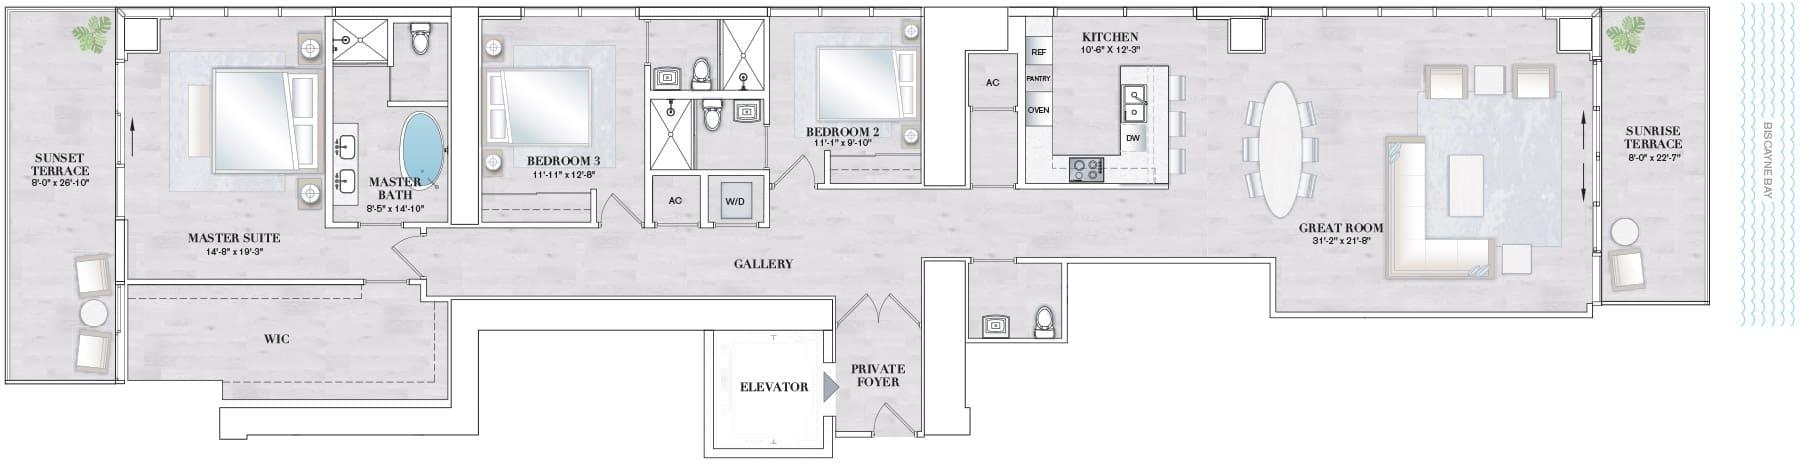 Elysee Edgewater Miami Floorplan K